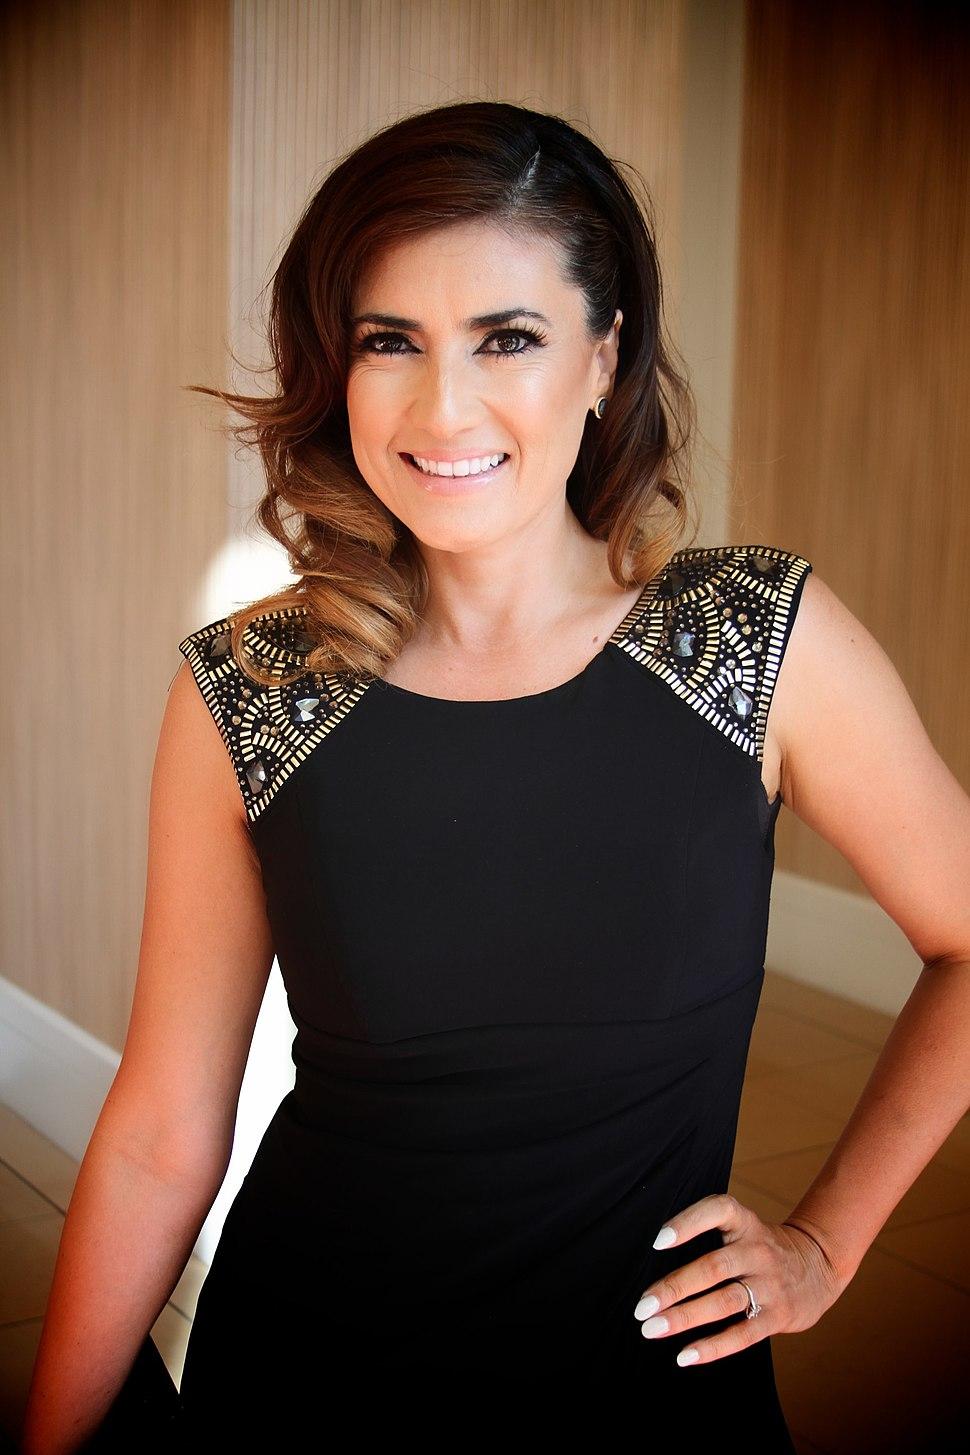 Naibe Reynoso at 2014 Imagen Awards